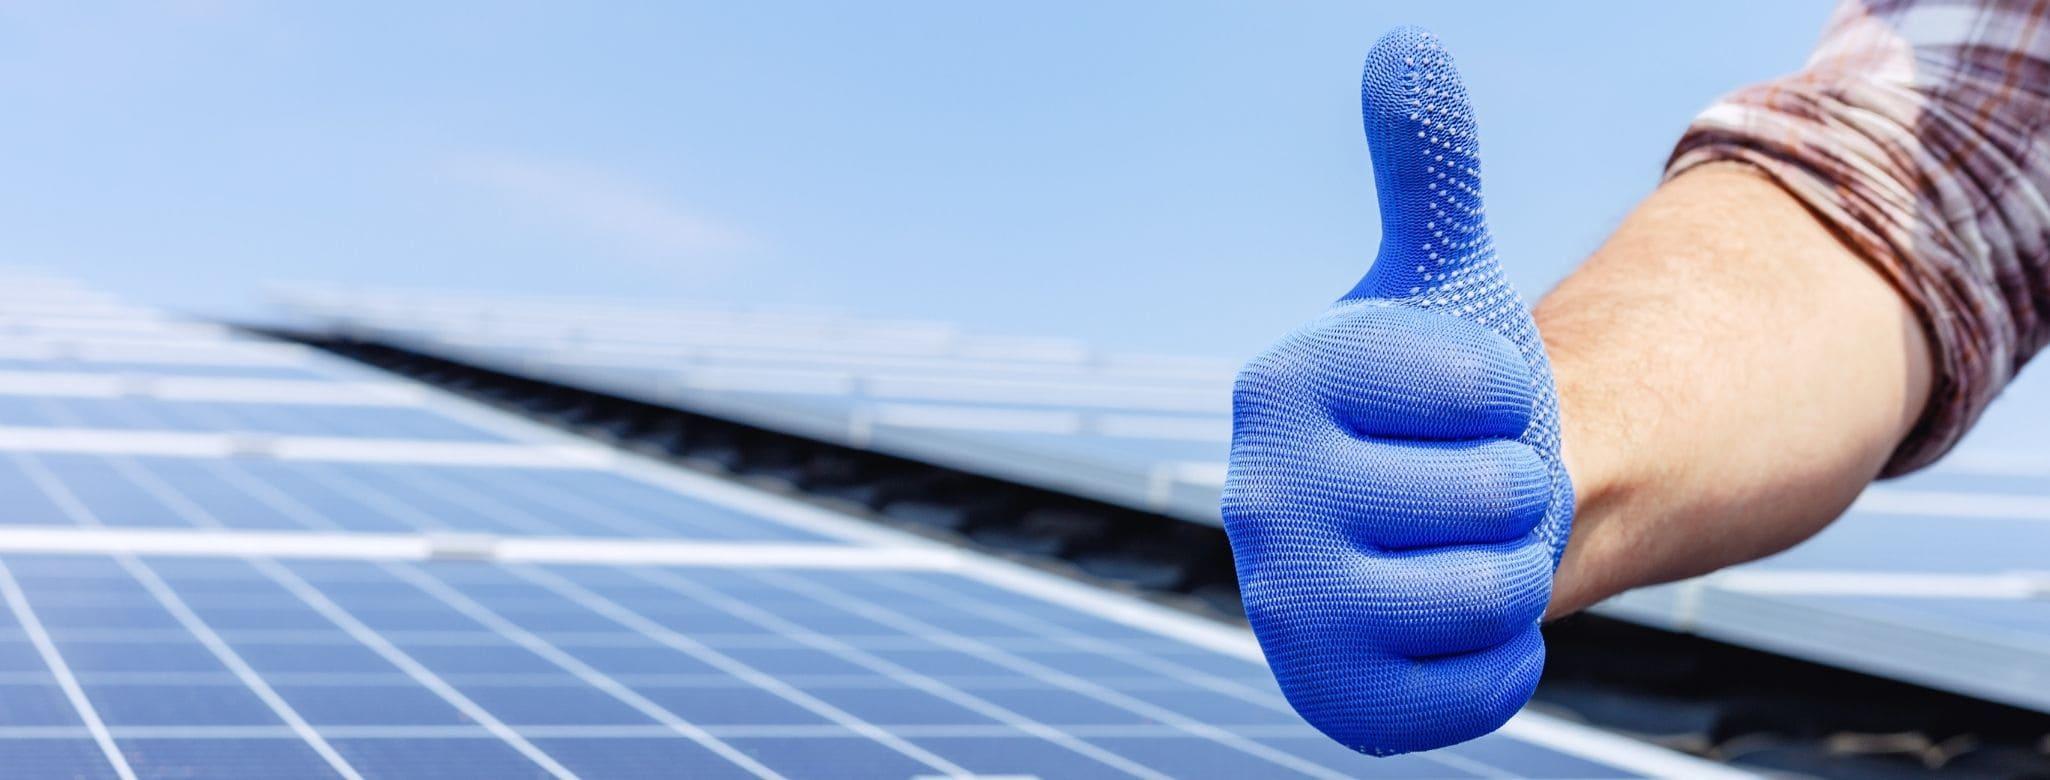 meilleur-panneau-solaire